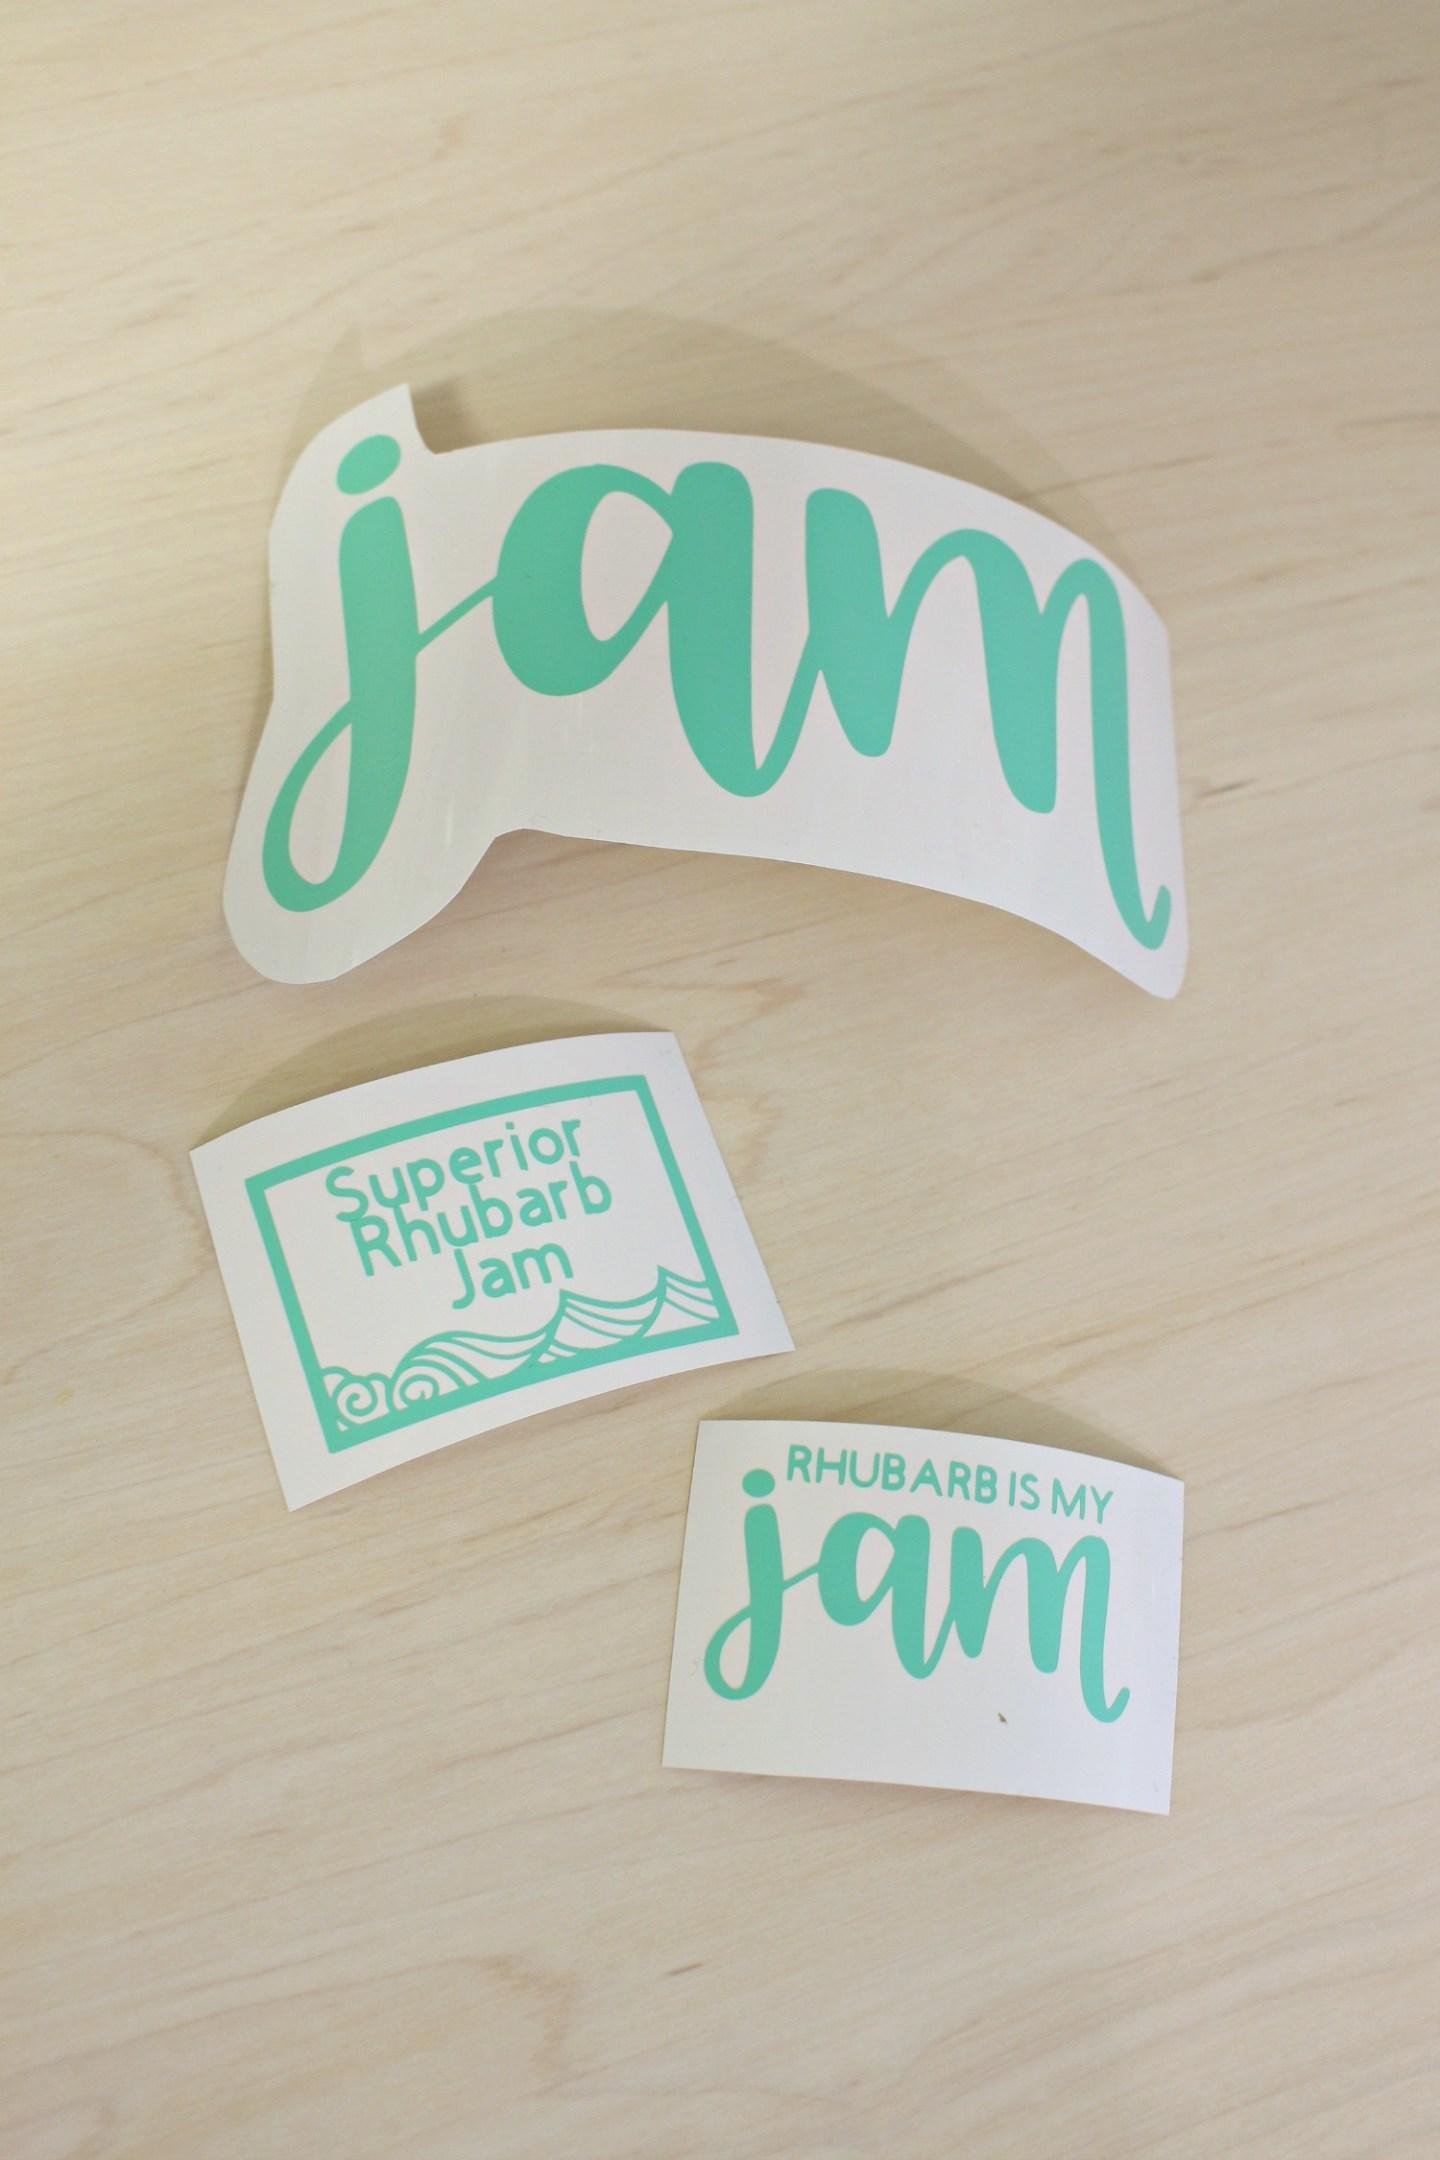 Cricut Jam Labels